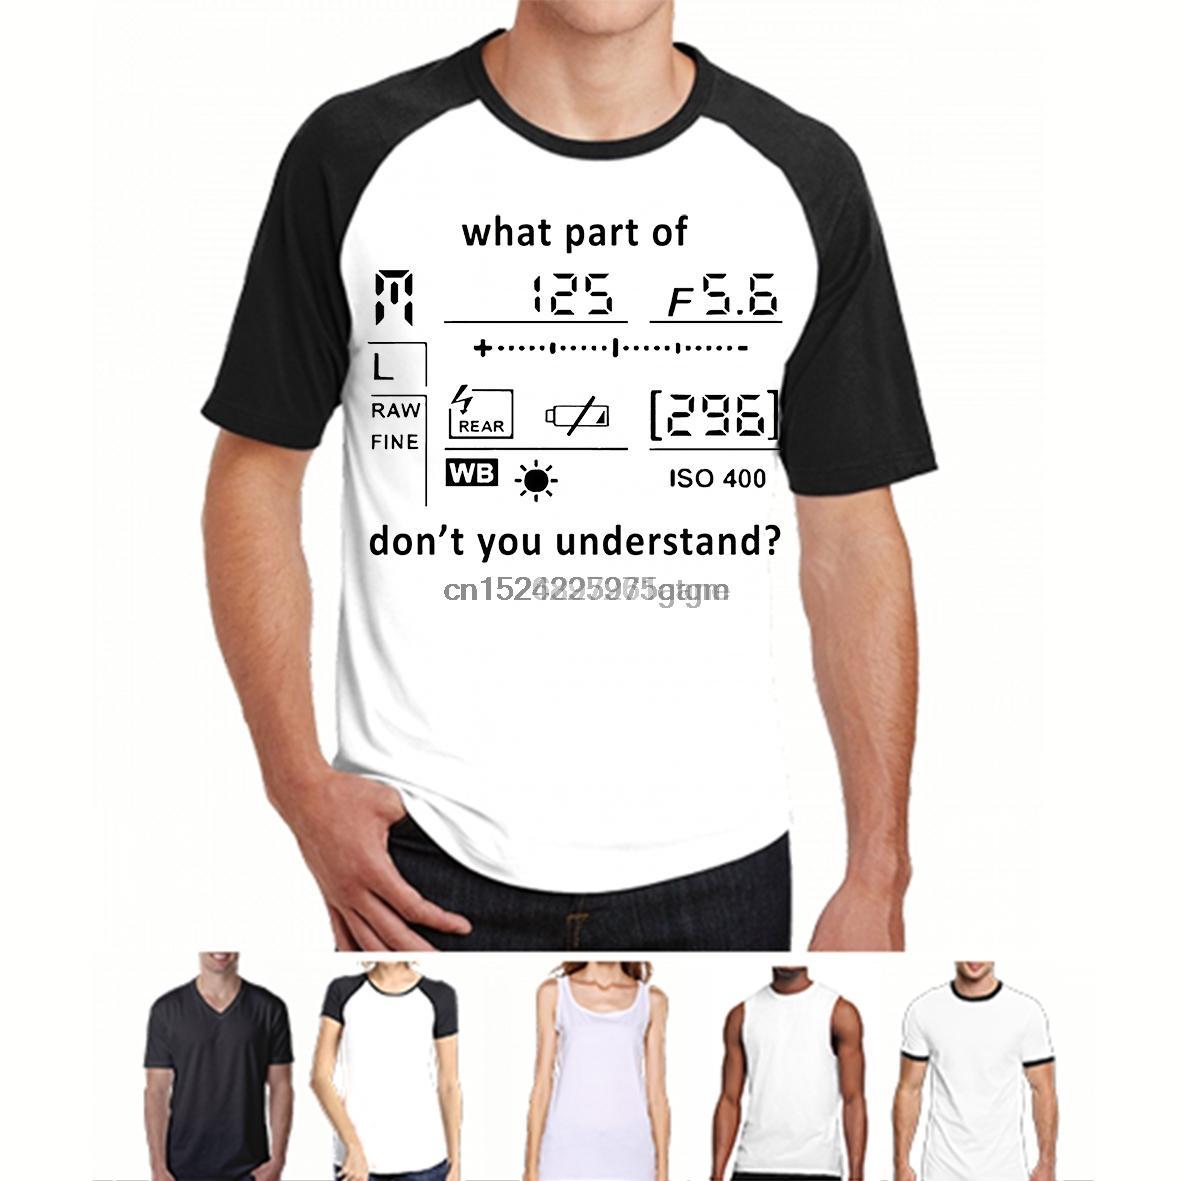 Impreso camiseta de los hombres de algodón O-Cuello camisetas PANTALLA CÁMARA qué parte del FOTÓGRAFO de manga corta camiseta de las mujeres